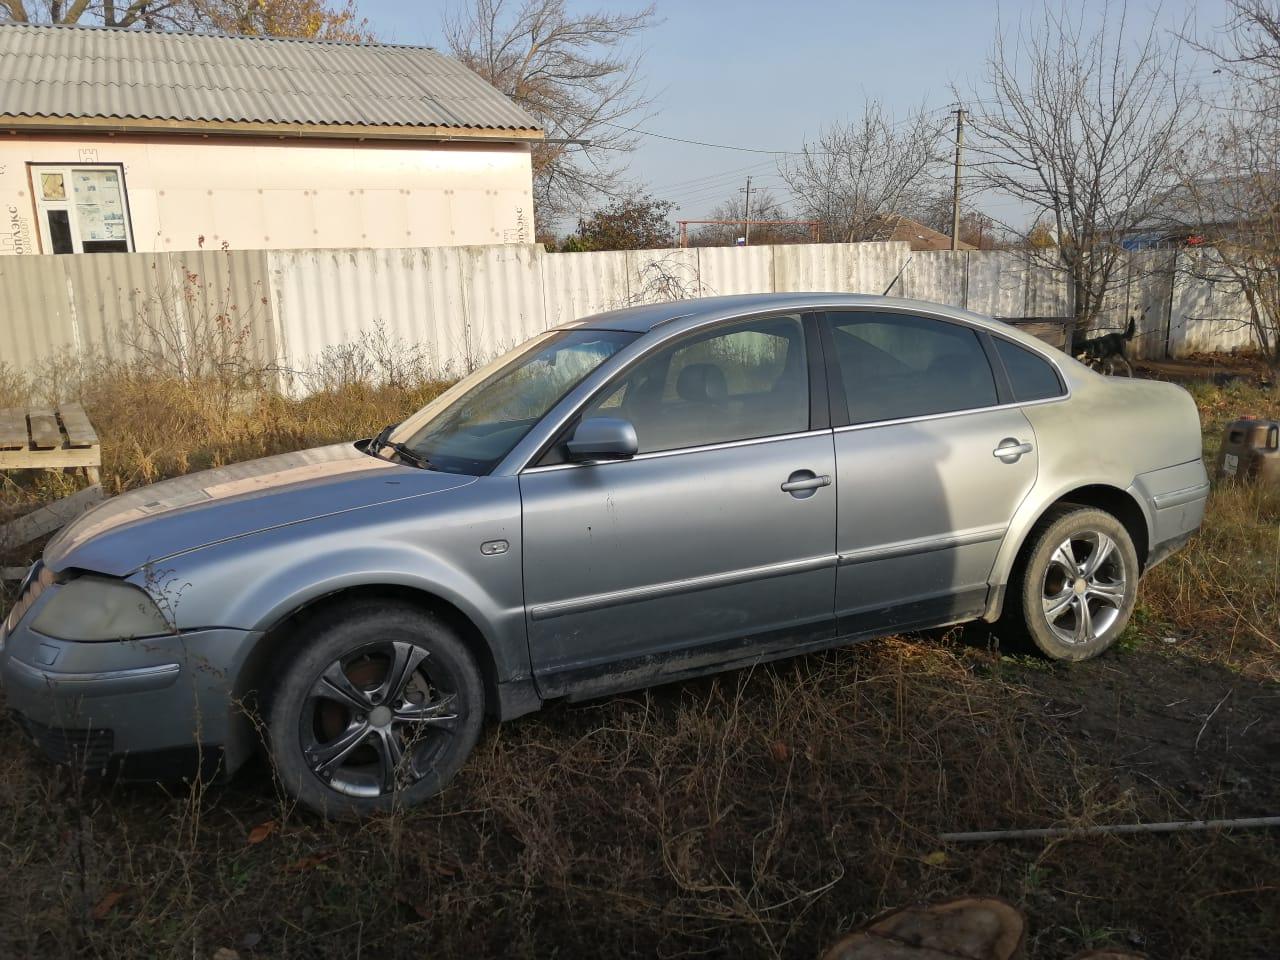 Продается автомобиль Volkswagen Passat 2004 года выпуска кожаный салон Объем двигателя 1 781 см Мощность 150 л